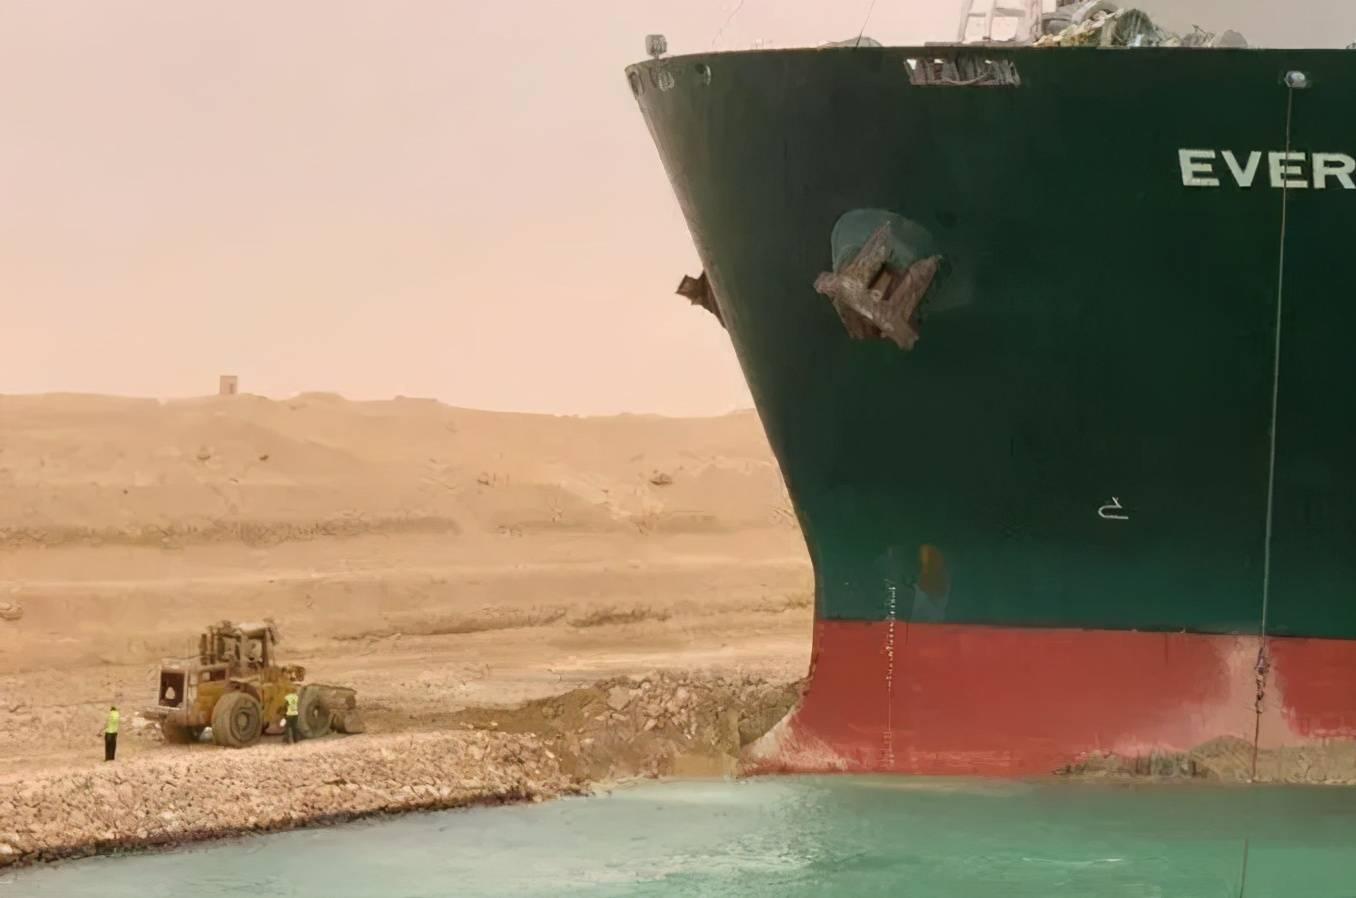 """全球经济,全看挖掘机?""""一觉睡掉40亿美元""""的"""